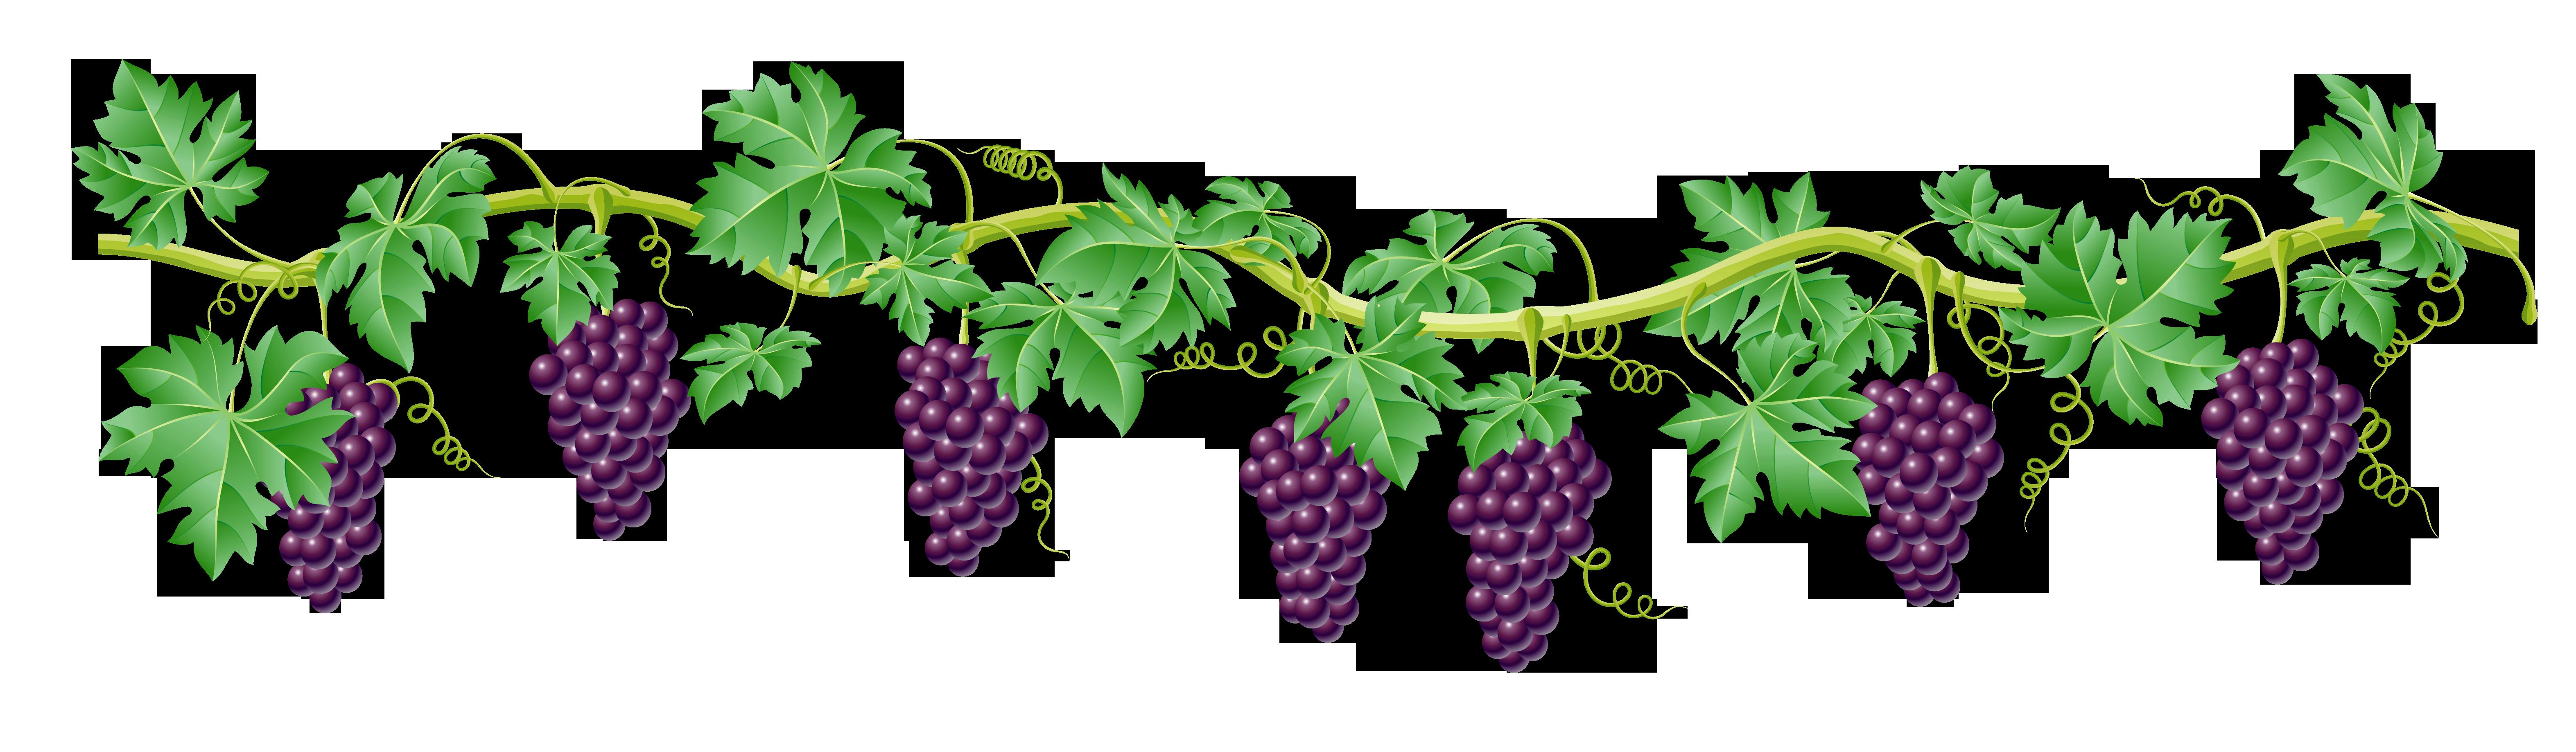 Grape clipart vine clip art. Decorative element png picture